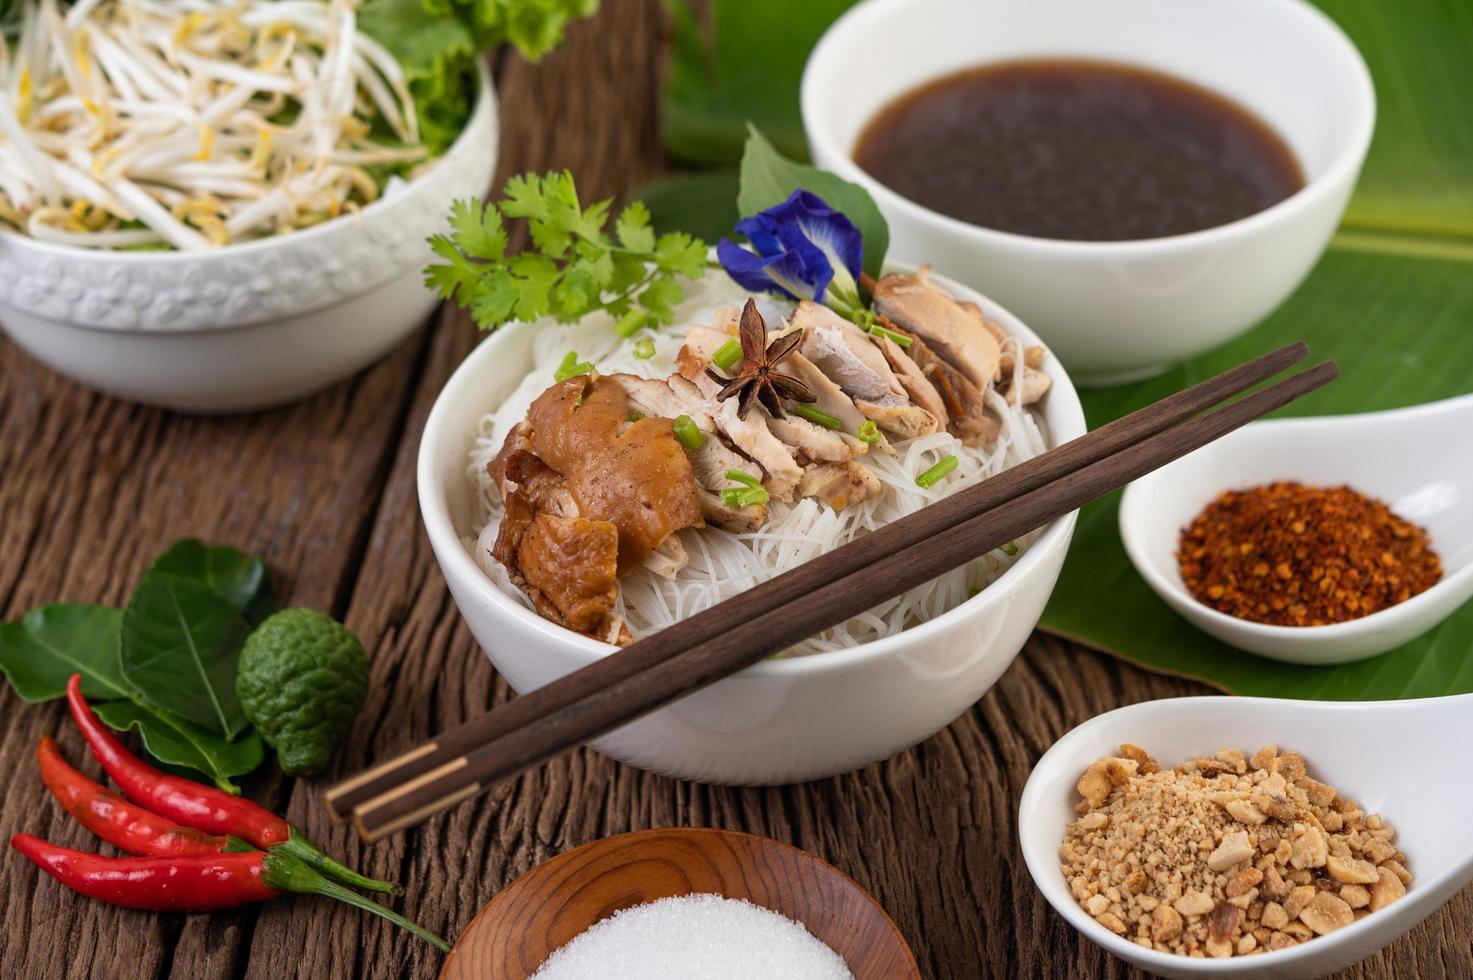 spaghetti di pollo in una ciotola con contorni tailandesi foto